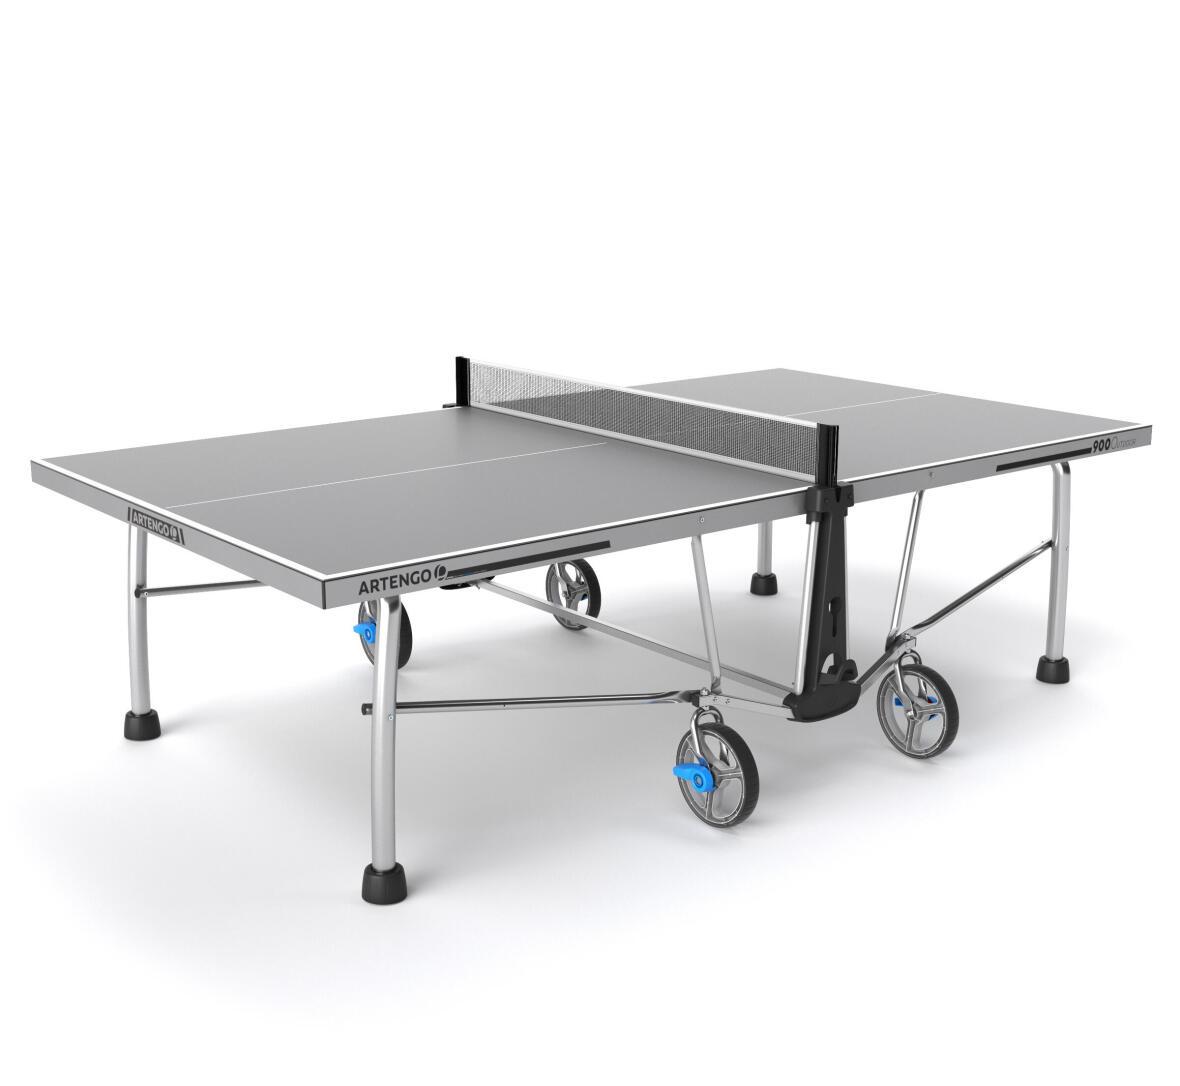 tavolo ping pong ppt900